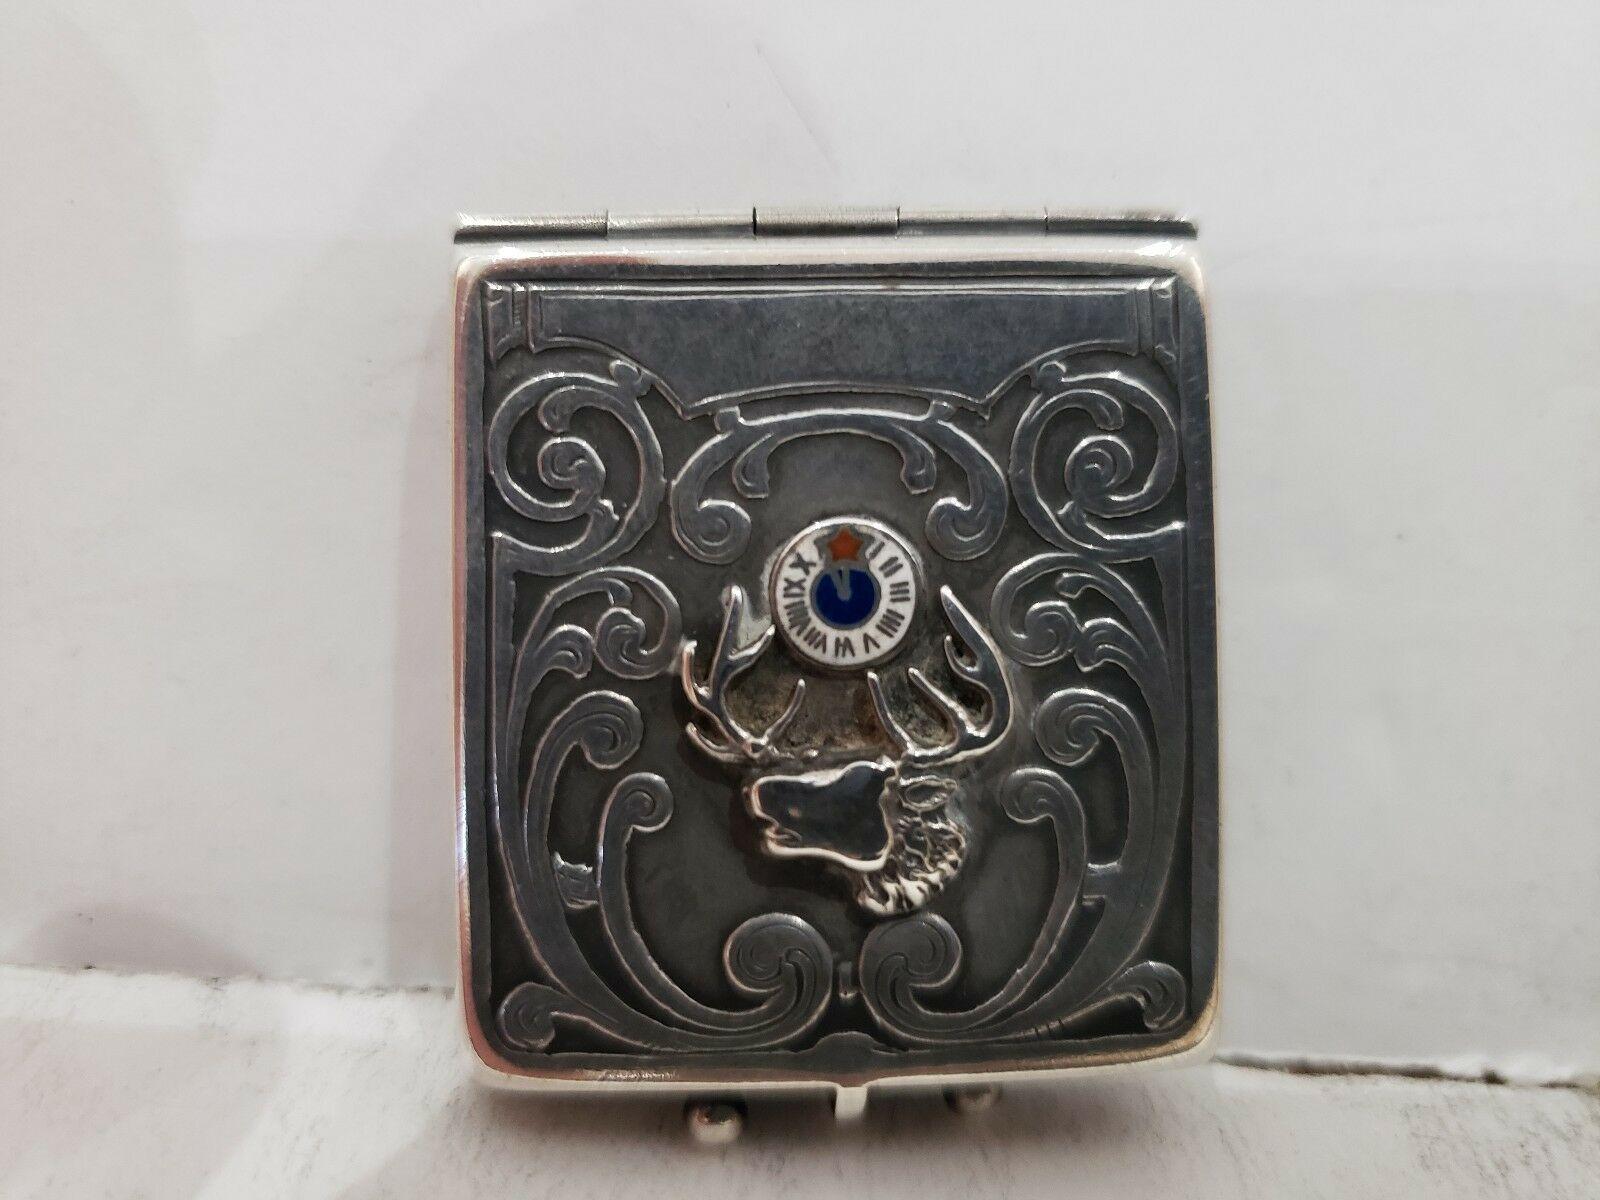 Antique Fraternal Elks BPOE Sterling Silver Card Case / Enameled Plague -1900's image 12